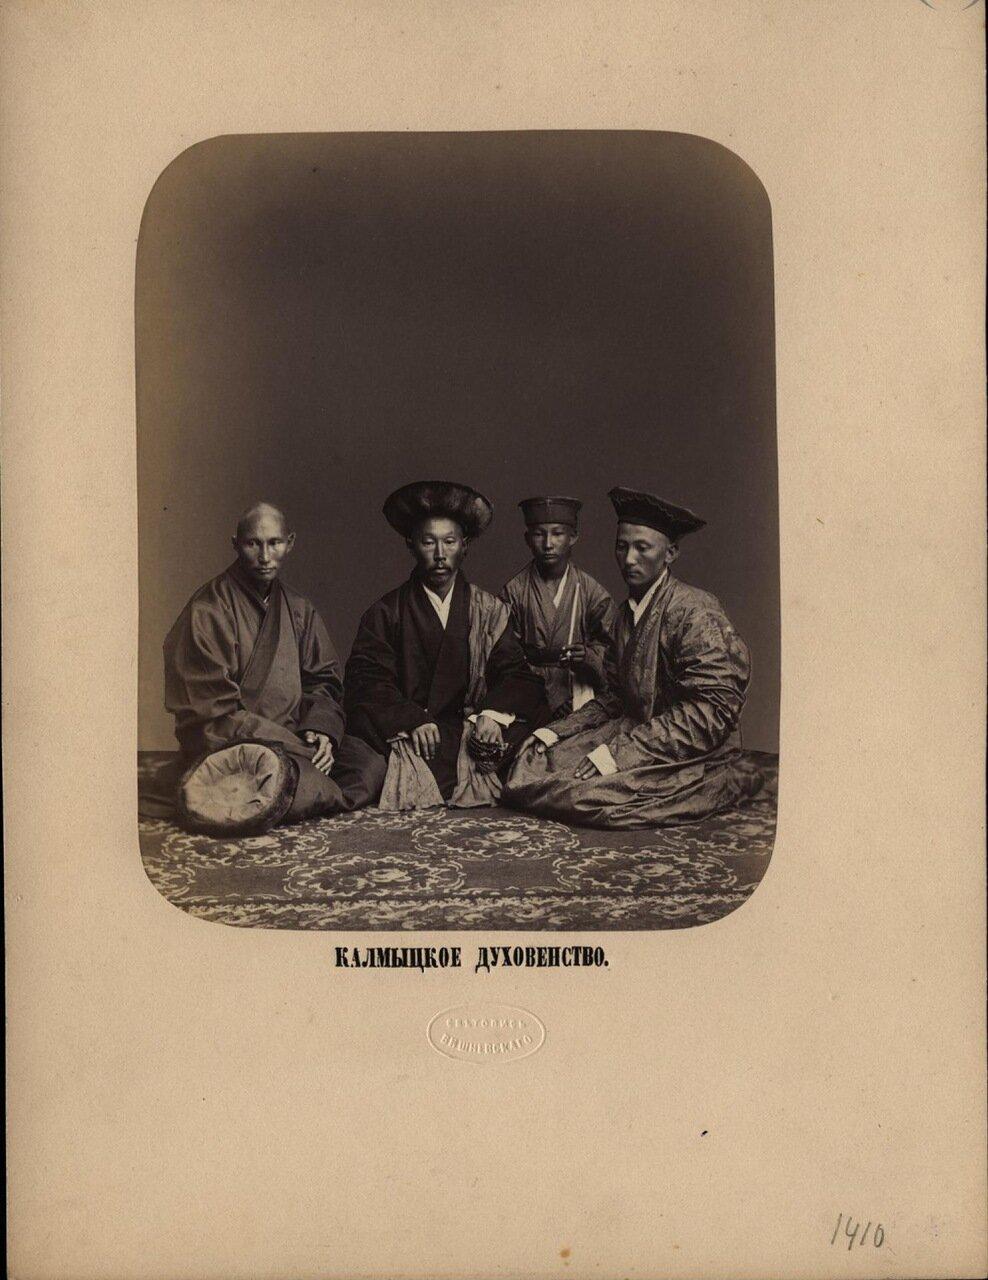 Калмыцкое духовенство . Ателье «Светопись Вишневского».— Начало 1870-х